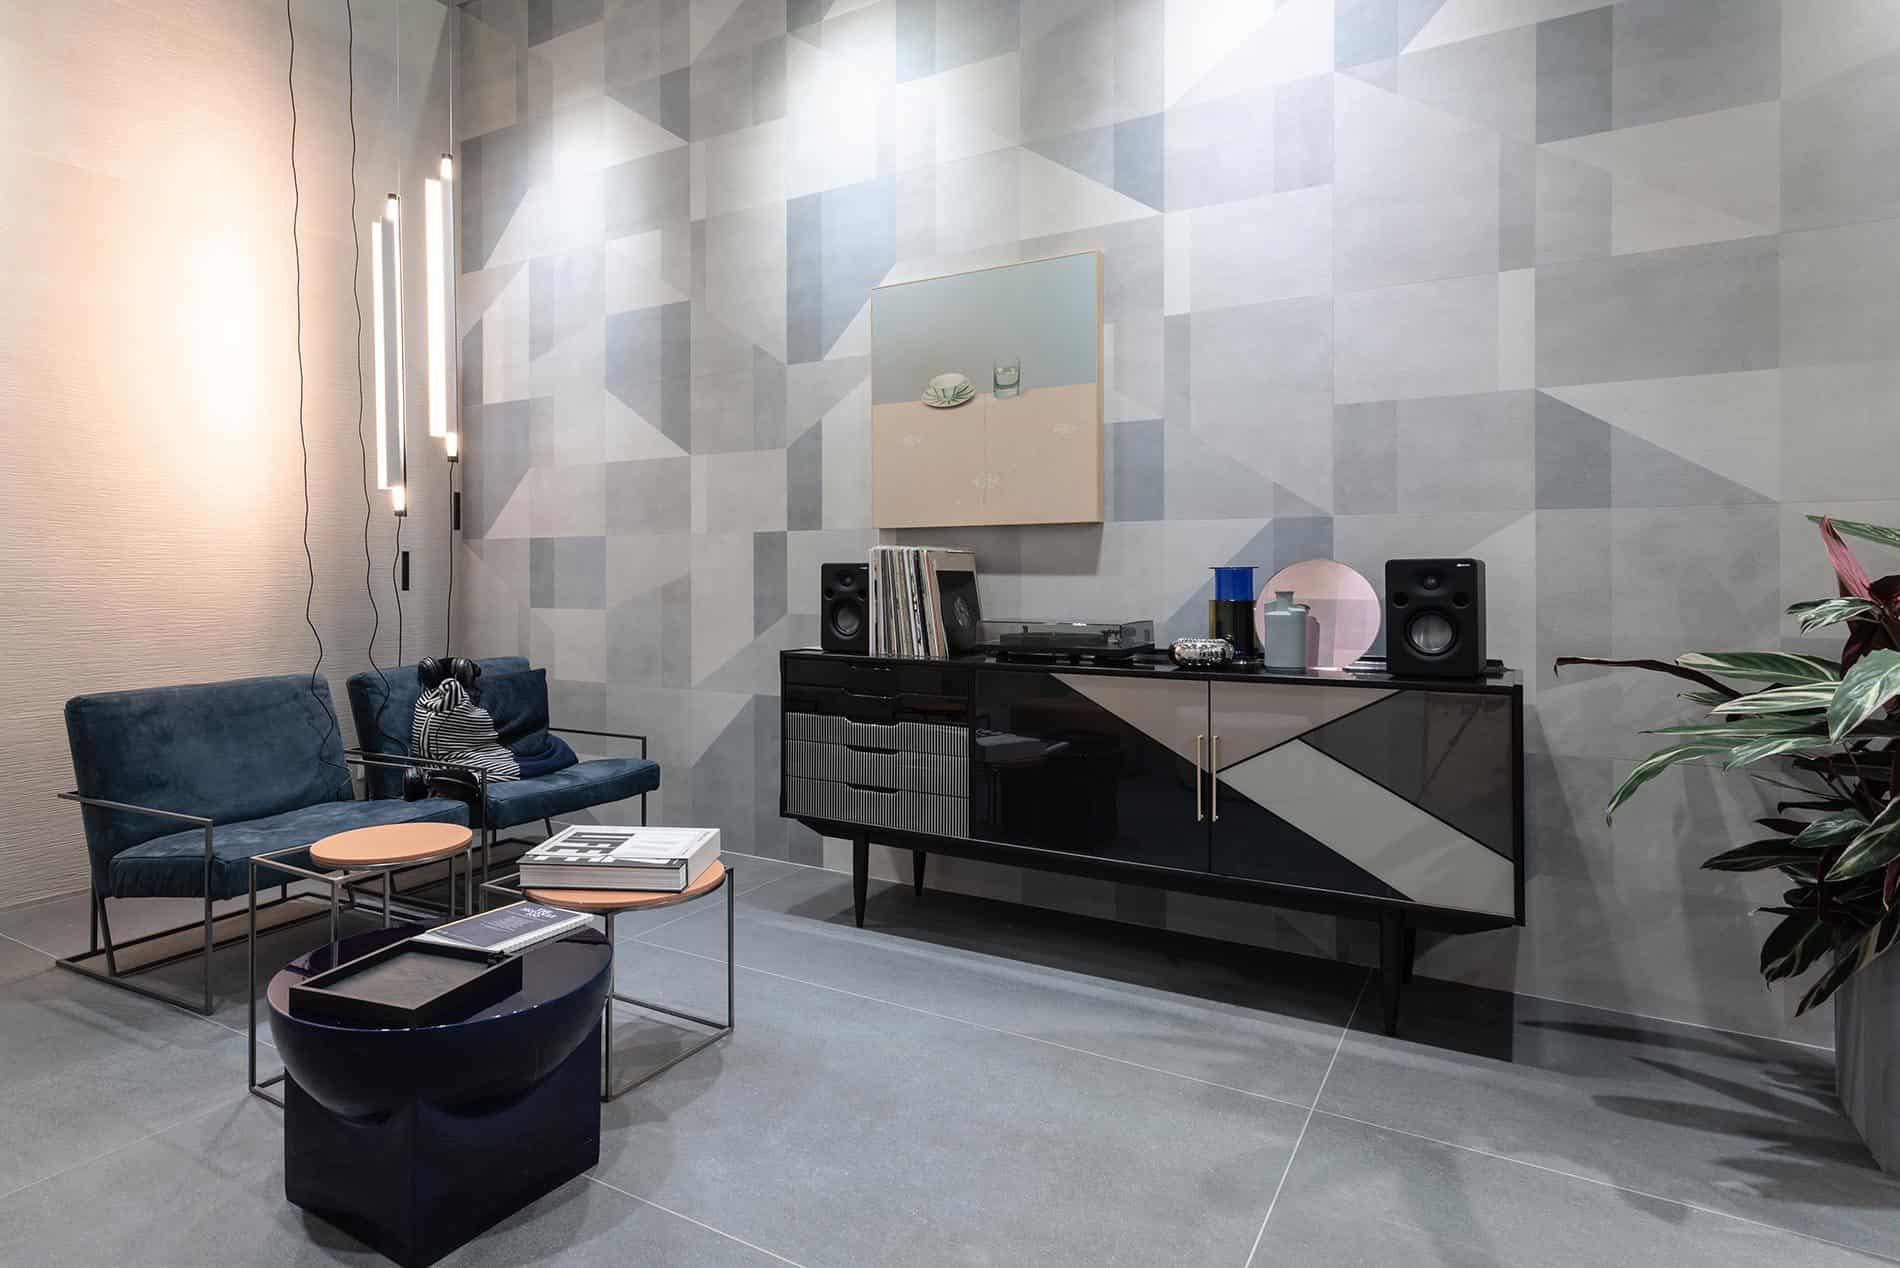 decor trend ceramics 2019